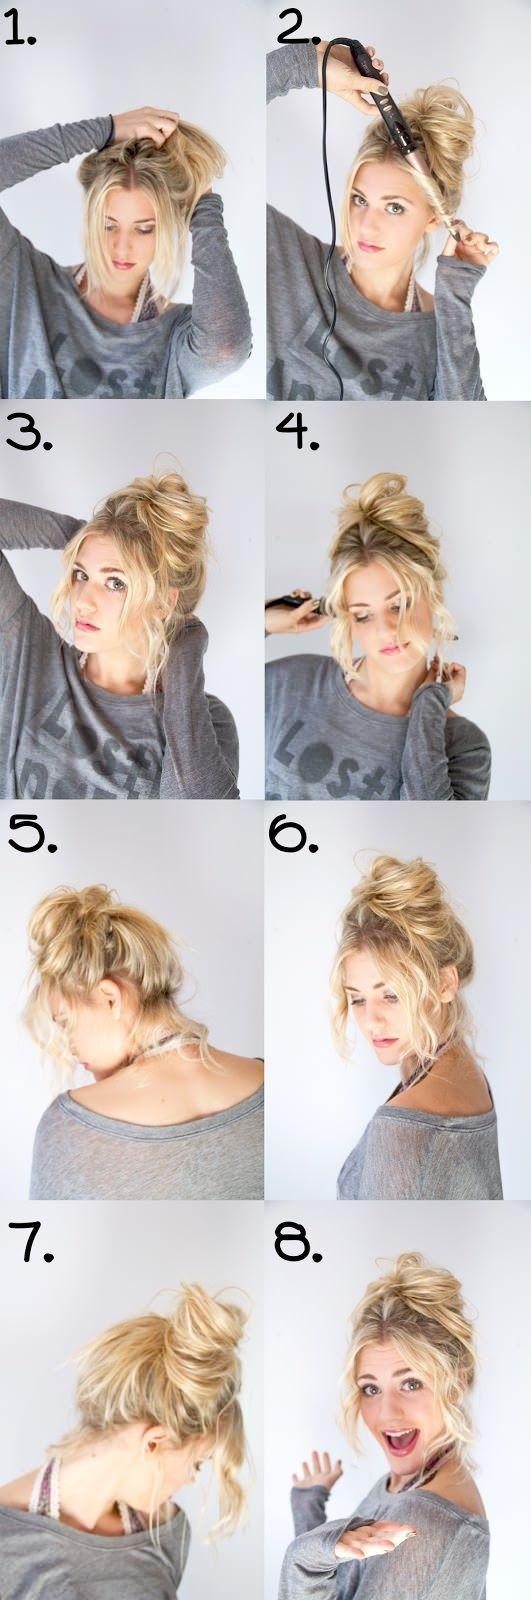 hair how tos   Fun Hair How-Tos